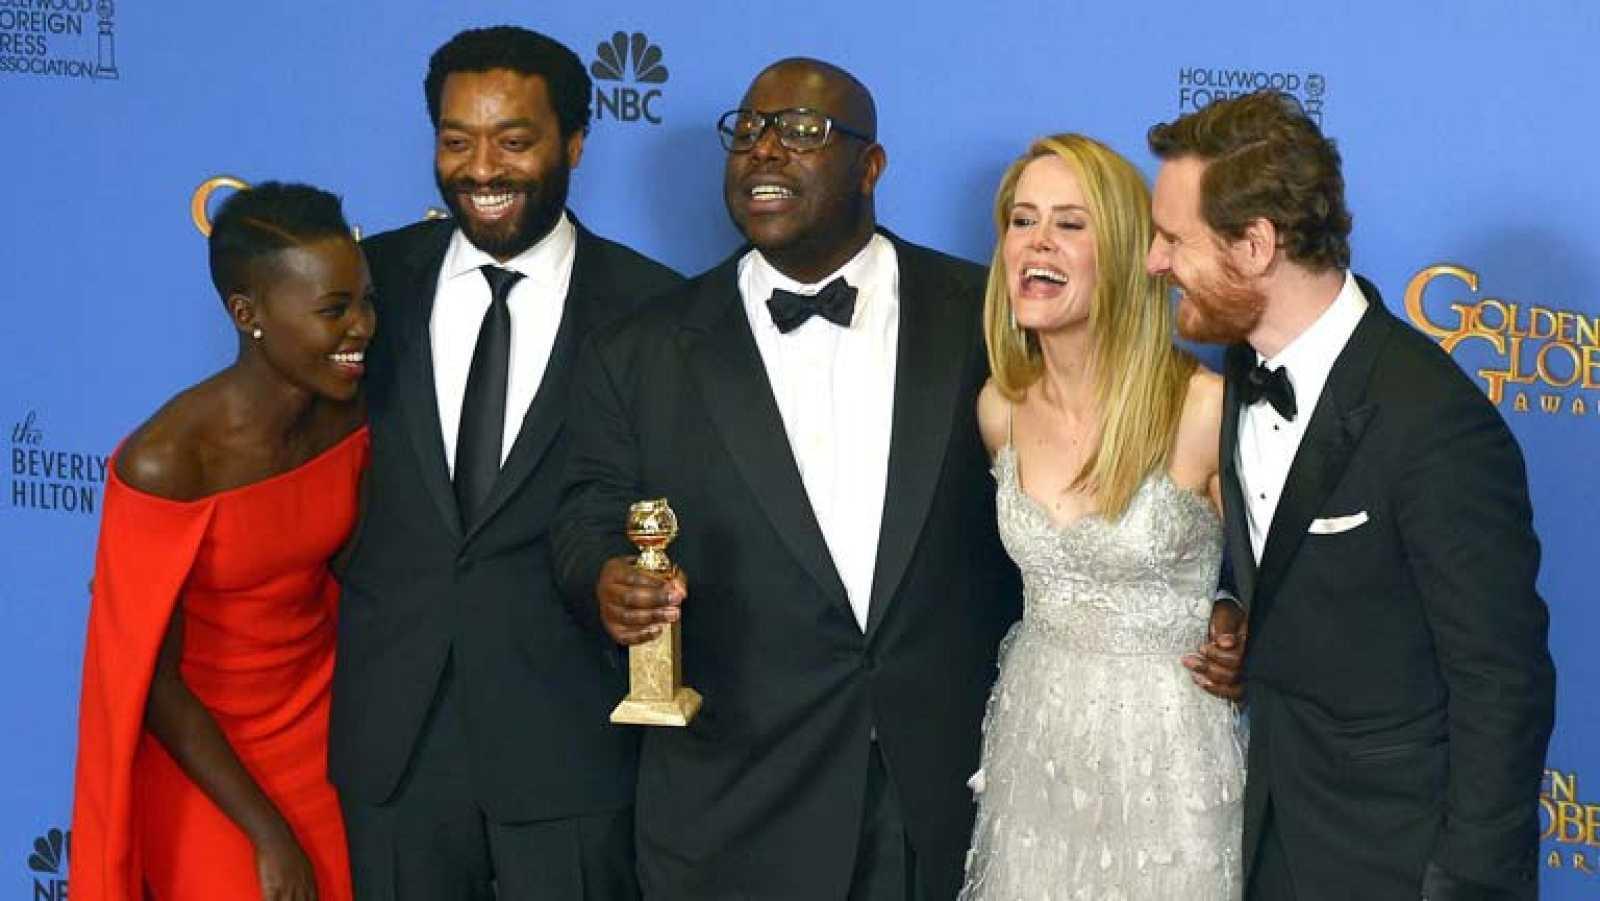 Arranca la temporada de premios en Estados Unidos con los Globos de Oro